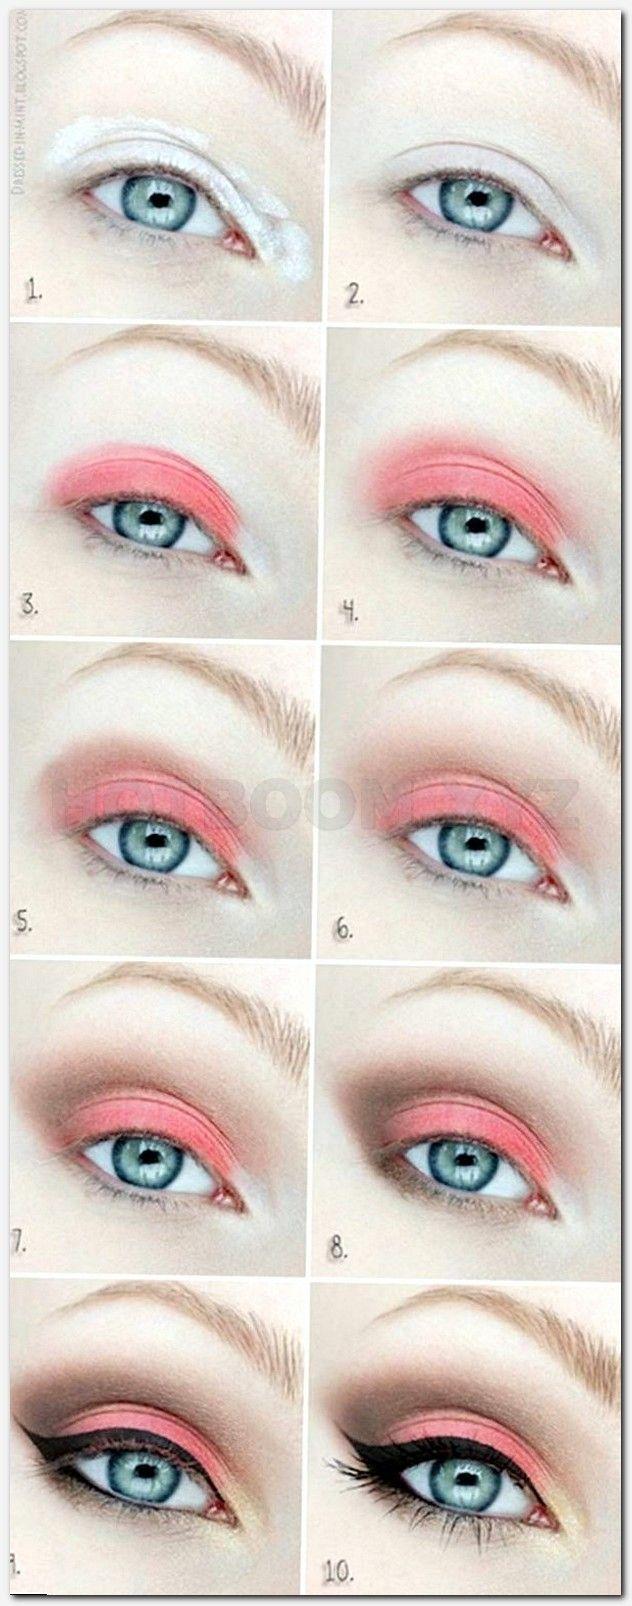 Cute Coral Eyeshadow Tutorial For Beginners